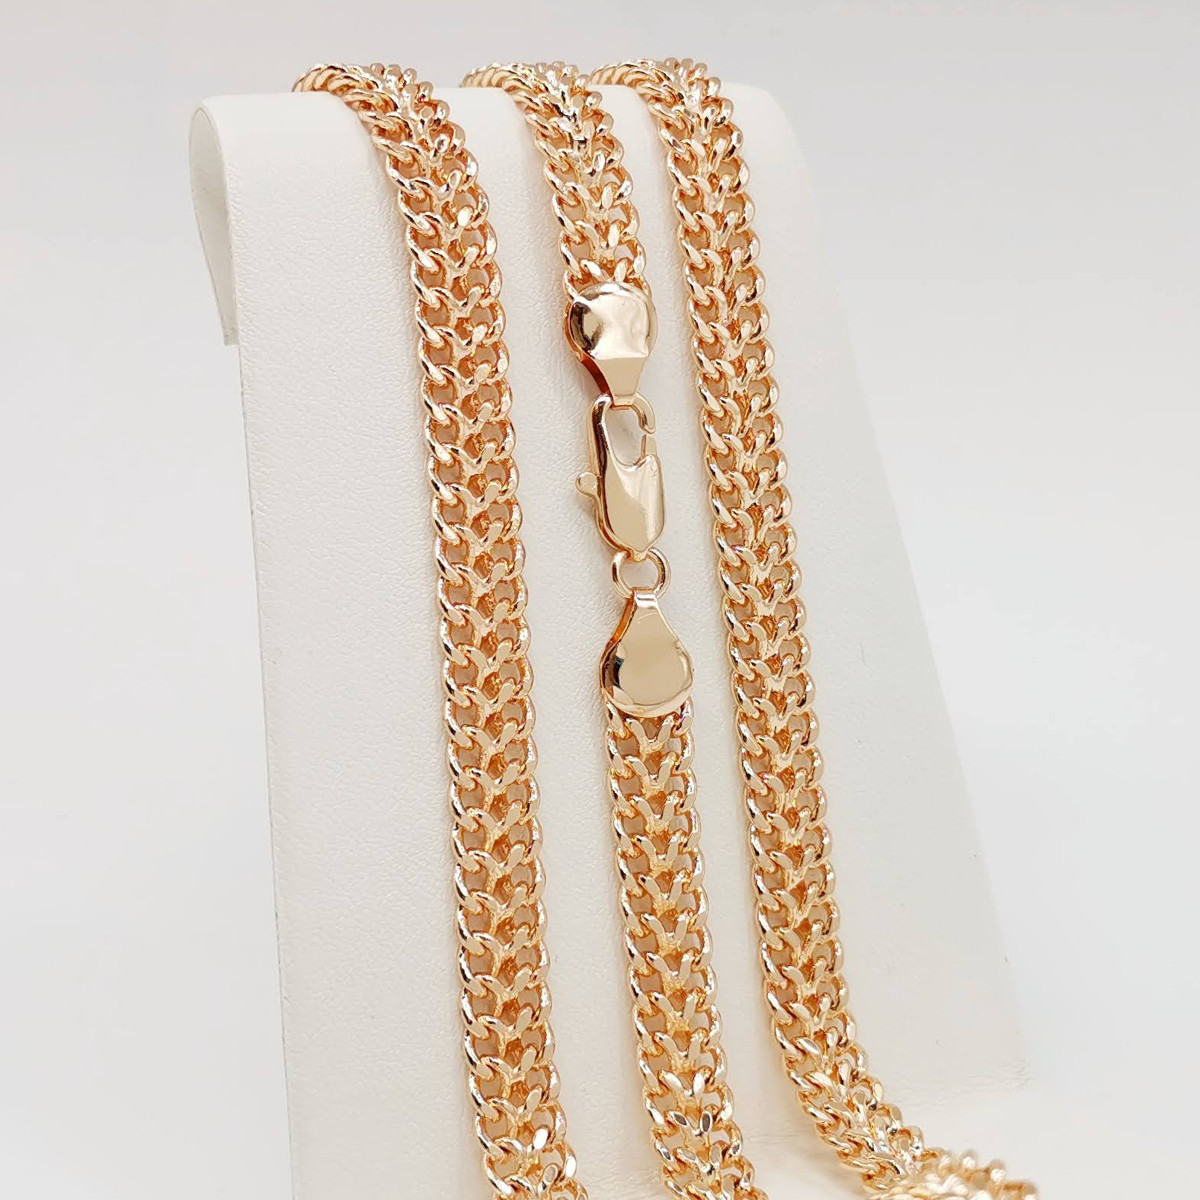 """Цепочка """"Королевский бисмарк"""" SONATA из медицинского золота, позолота РО, 31359       (60 см)"""